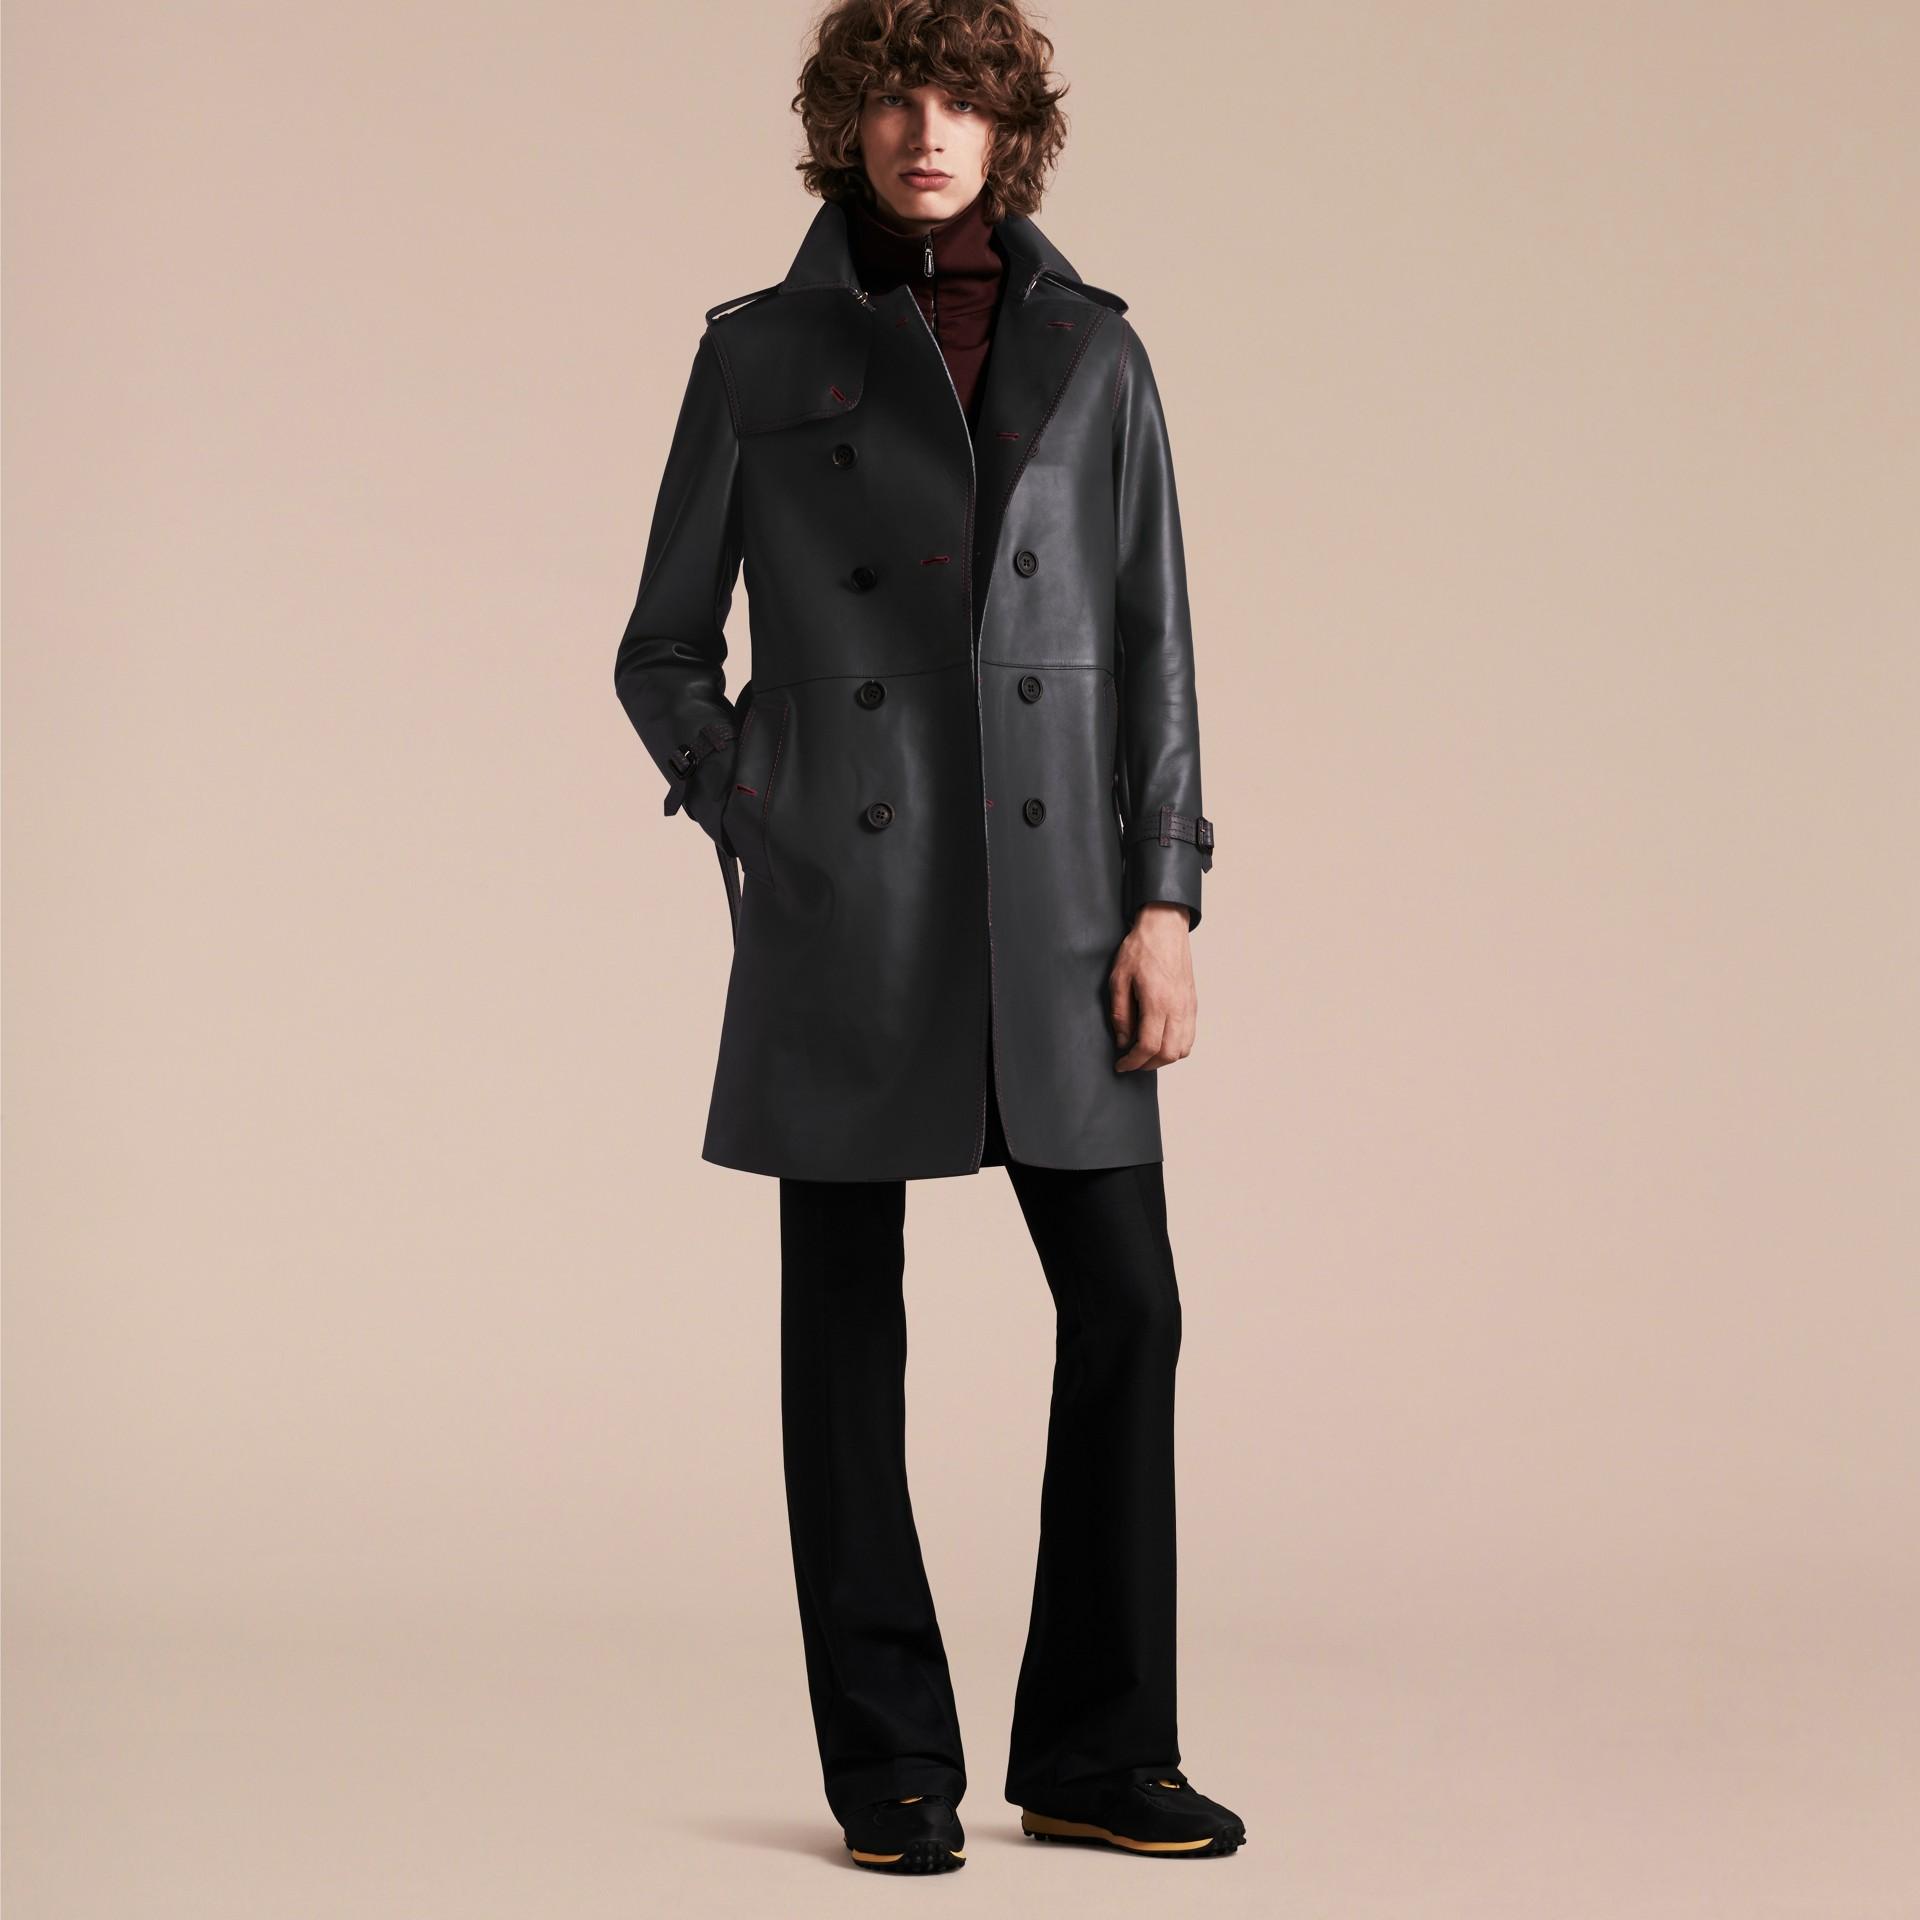 Navy scuro Trench coat in pelle di agnello con impunture militari - immagine della galleria 7